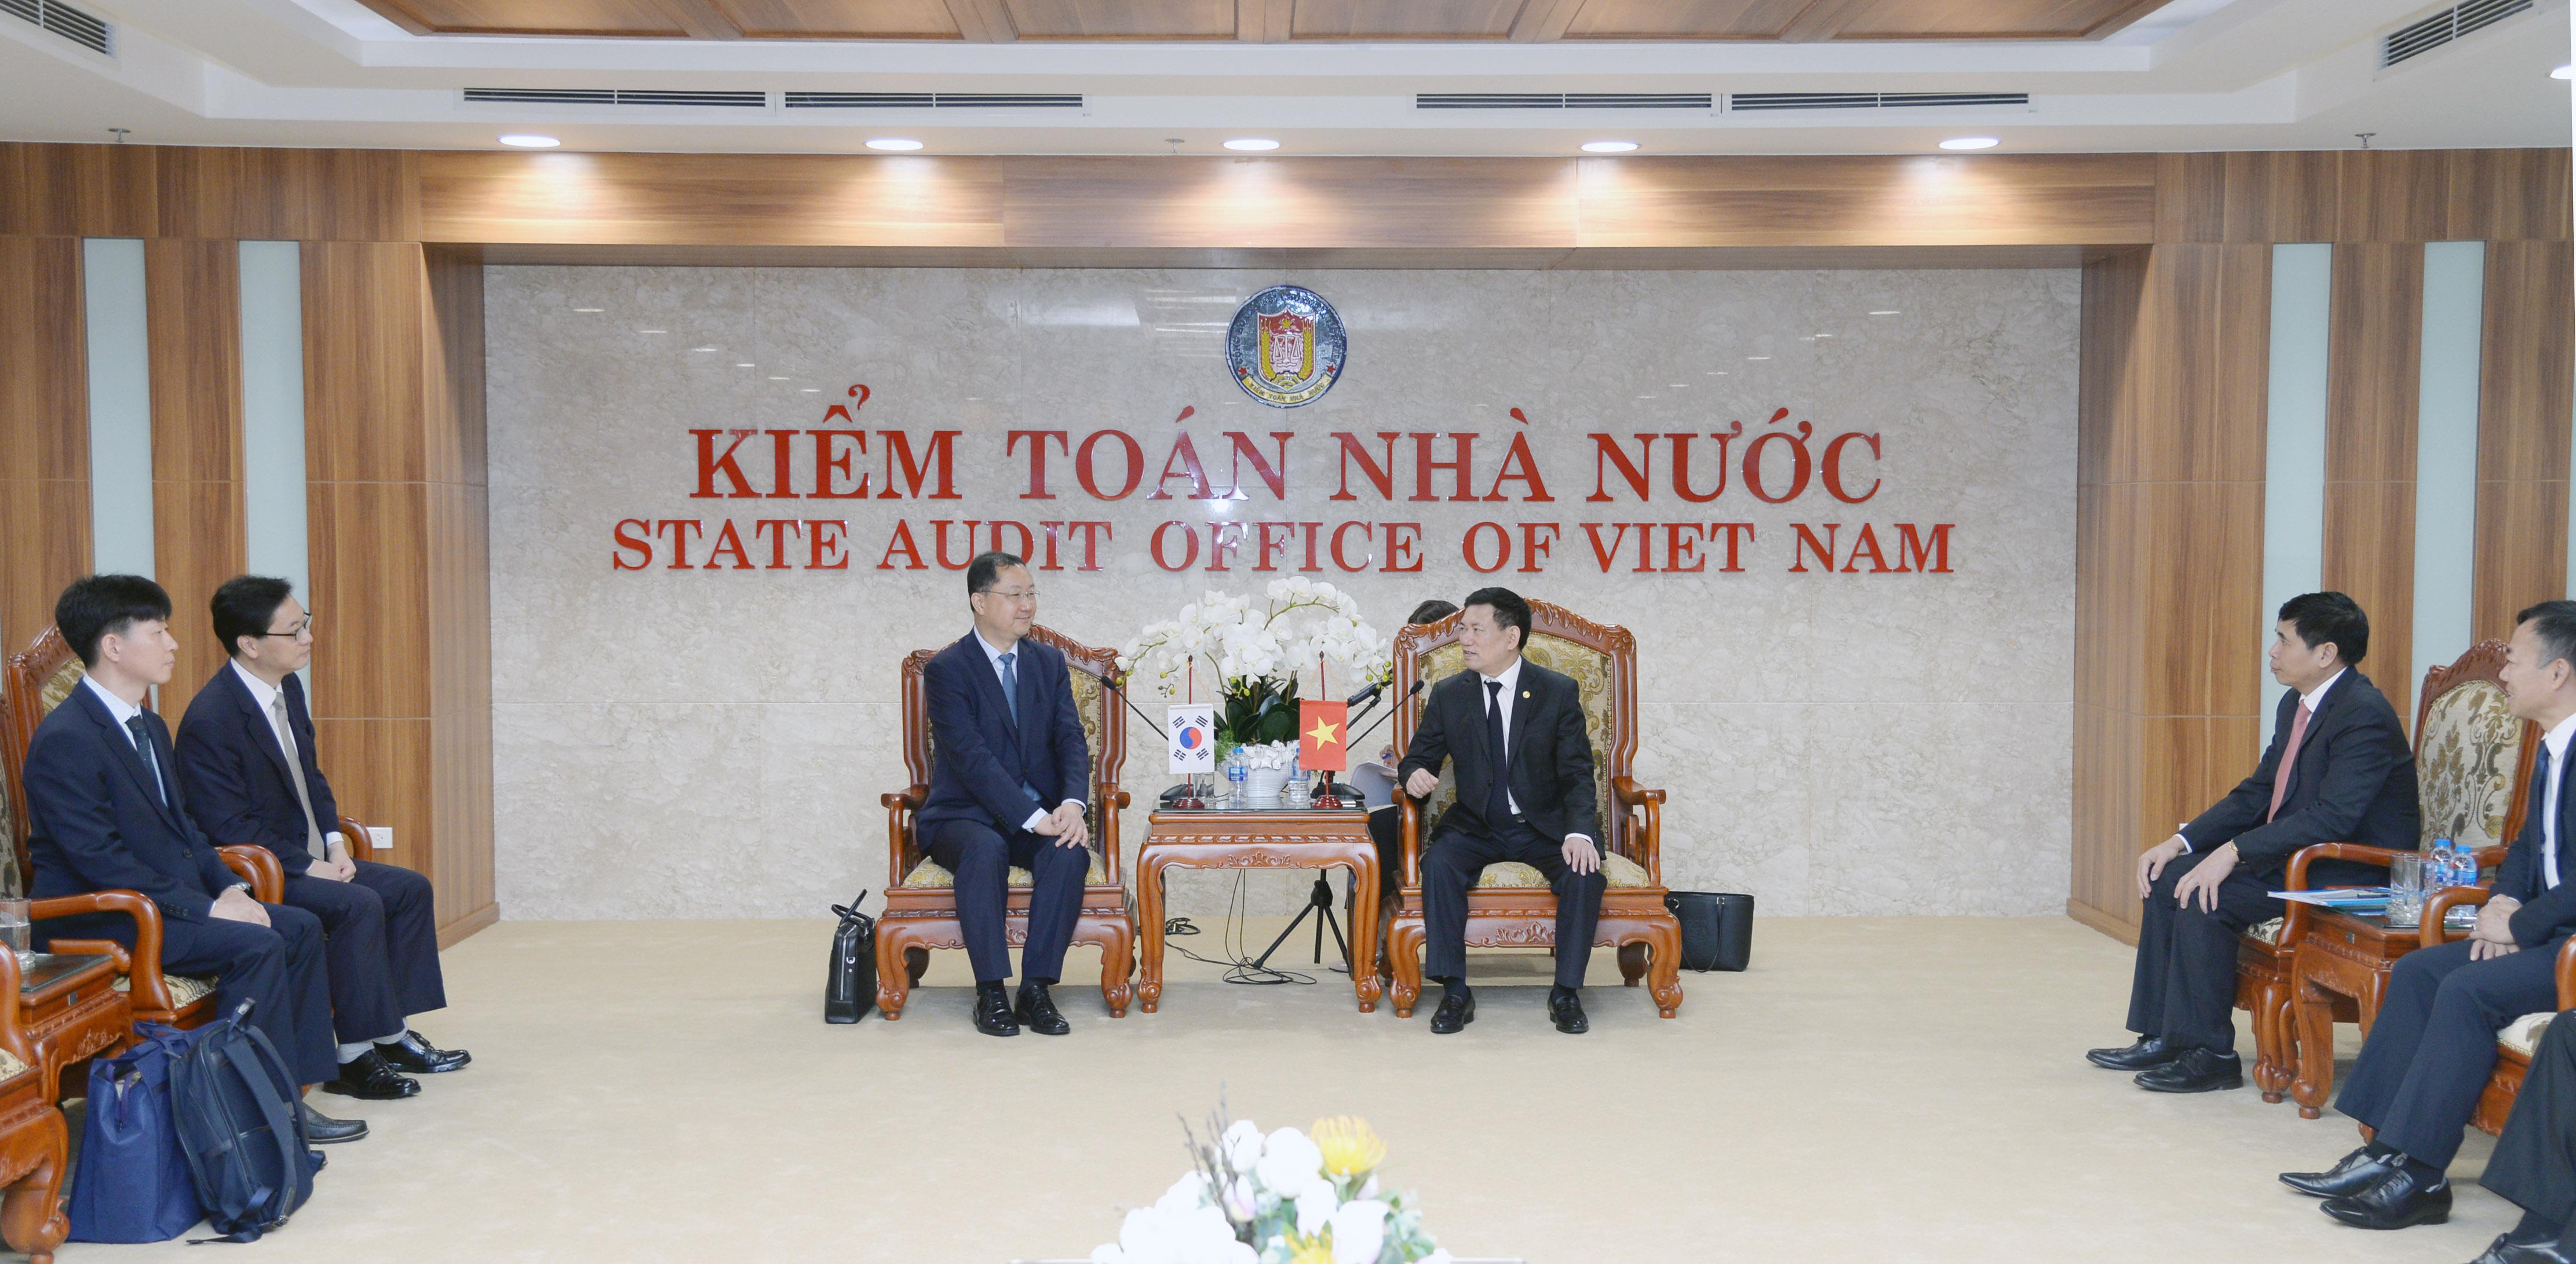 Tổng Kiểm toán Nhà nước tiếp Ủy viên Ủy ban Kiểm toán và Thanh tra Hàn Quốc